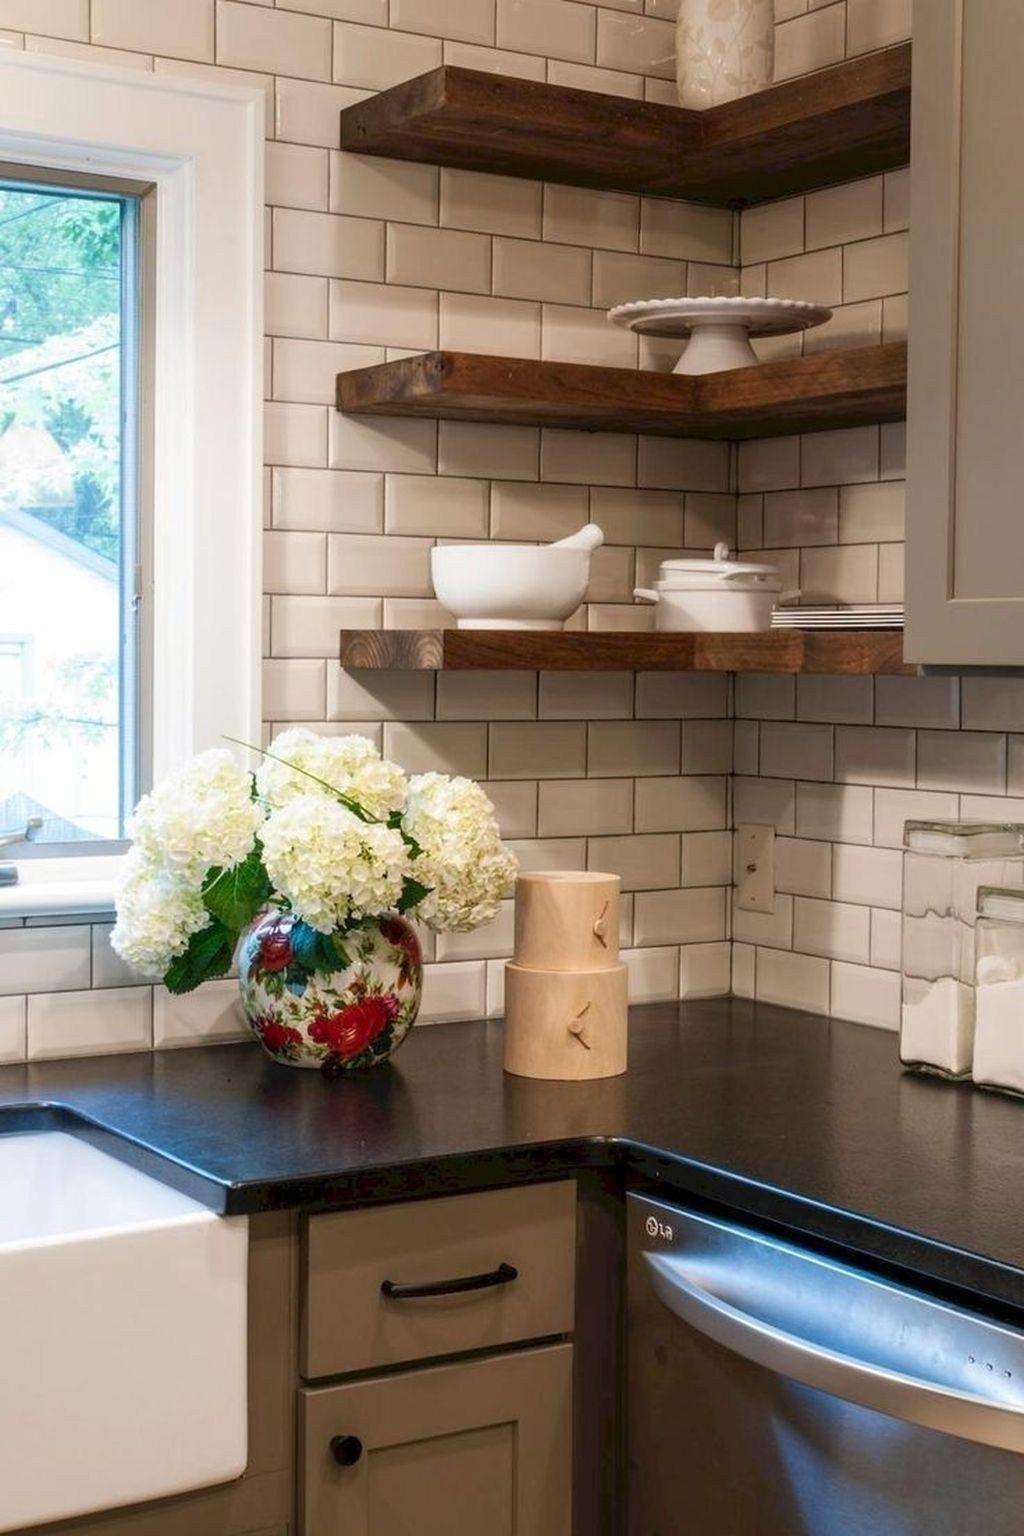 20 Brilliant Corner Shelves Ideas Kitchen Remodel Small Black Kitchen Countertops Kitchen Renovation